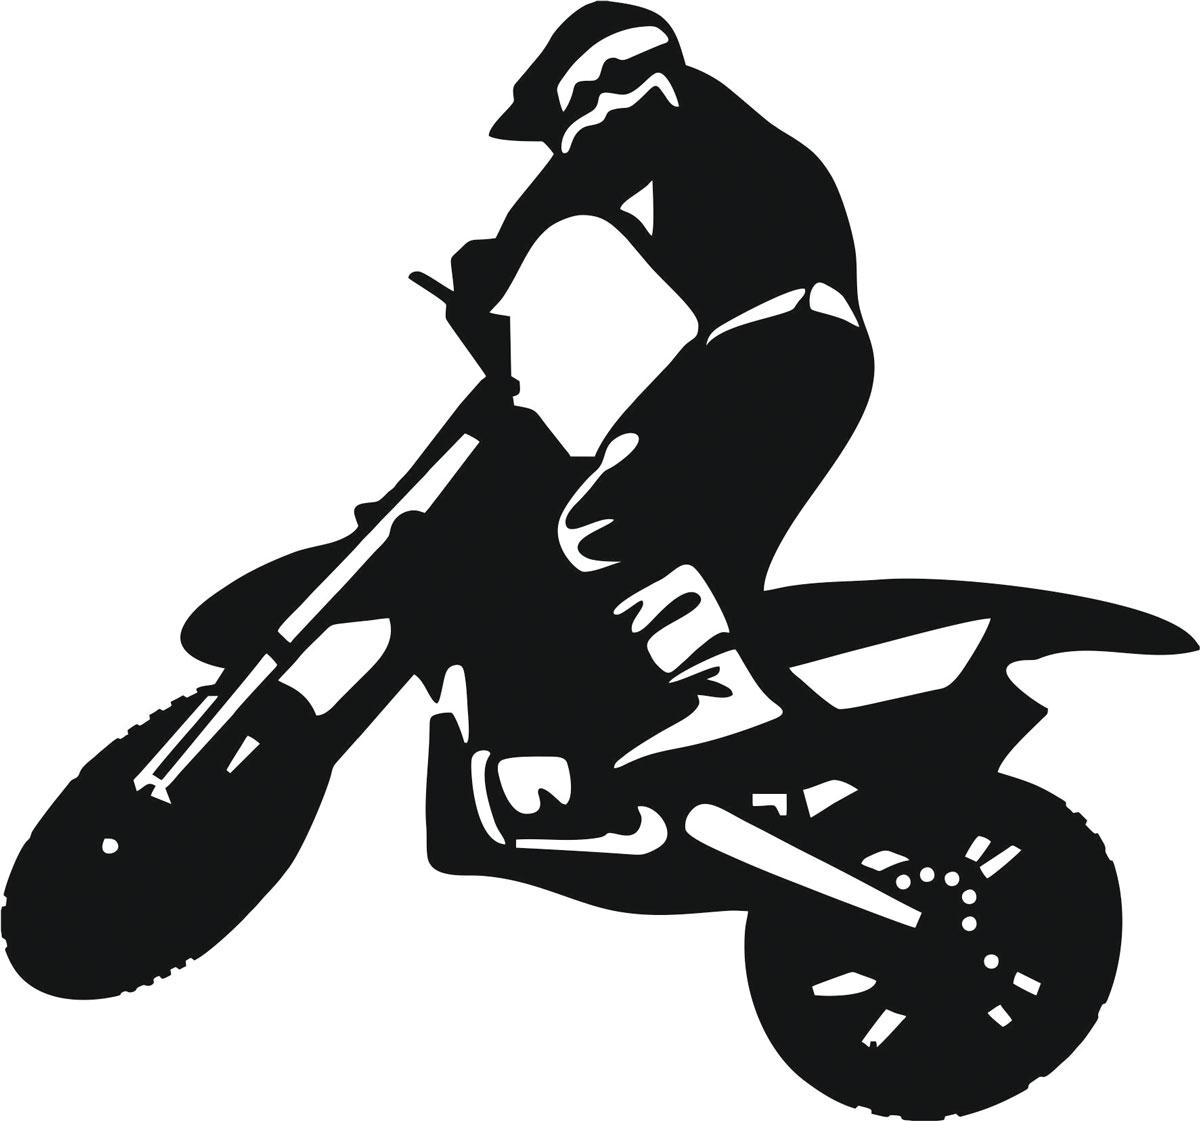 Наклейка автомобильная Оранжевый слоник Мотоциклист 5, виниловая, цвет: черный150MT0005BОригинальная наклейка Оранжевый слоник Мотоциклист 5 изготовлена из высококачественной виниловой пленки, которая выполняет не только декоративную функцию, но и защищает кузов автомобиля от небольших механических повреждений, либо скрывает уже существующие.Виниловые наклейки на автомобиль - это не только красиво, но еще и быстро! Всего за несколько минут вы можете полностью преобразить свой автомобиль, сделать его ярким, необычным, особенным и неповторимым!